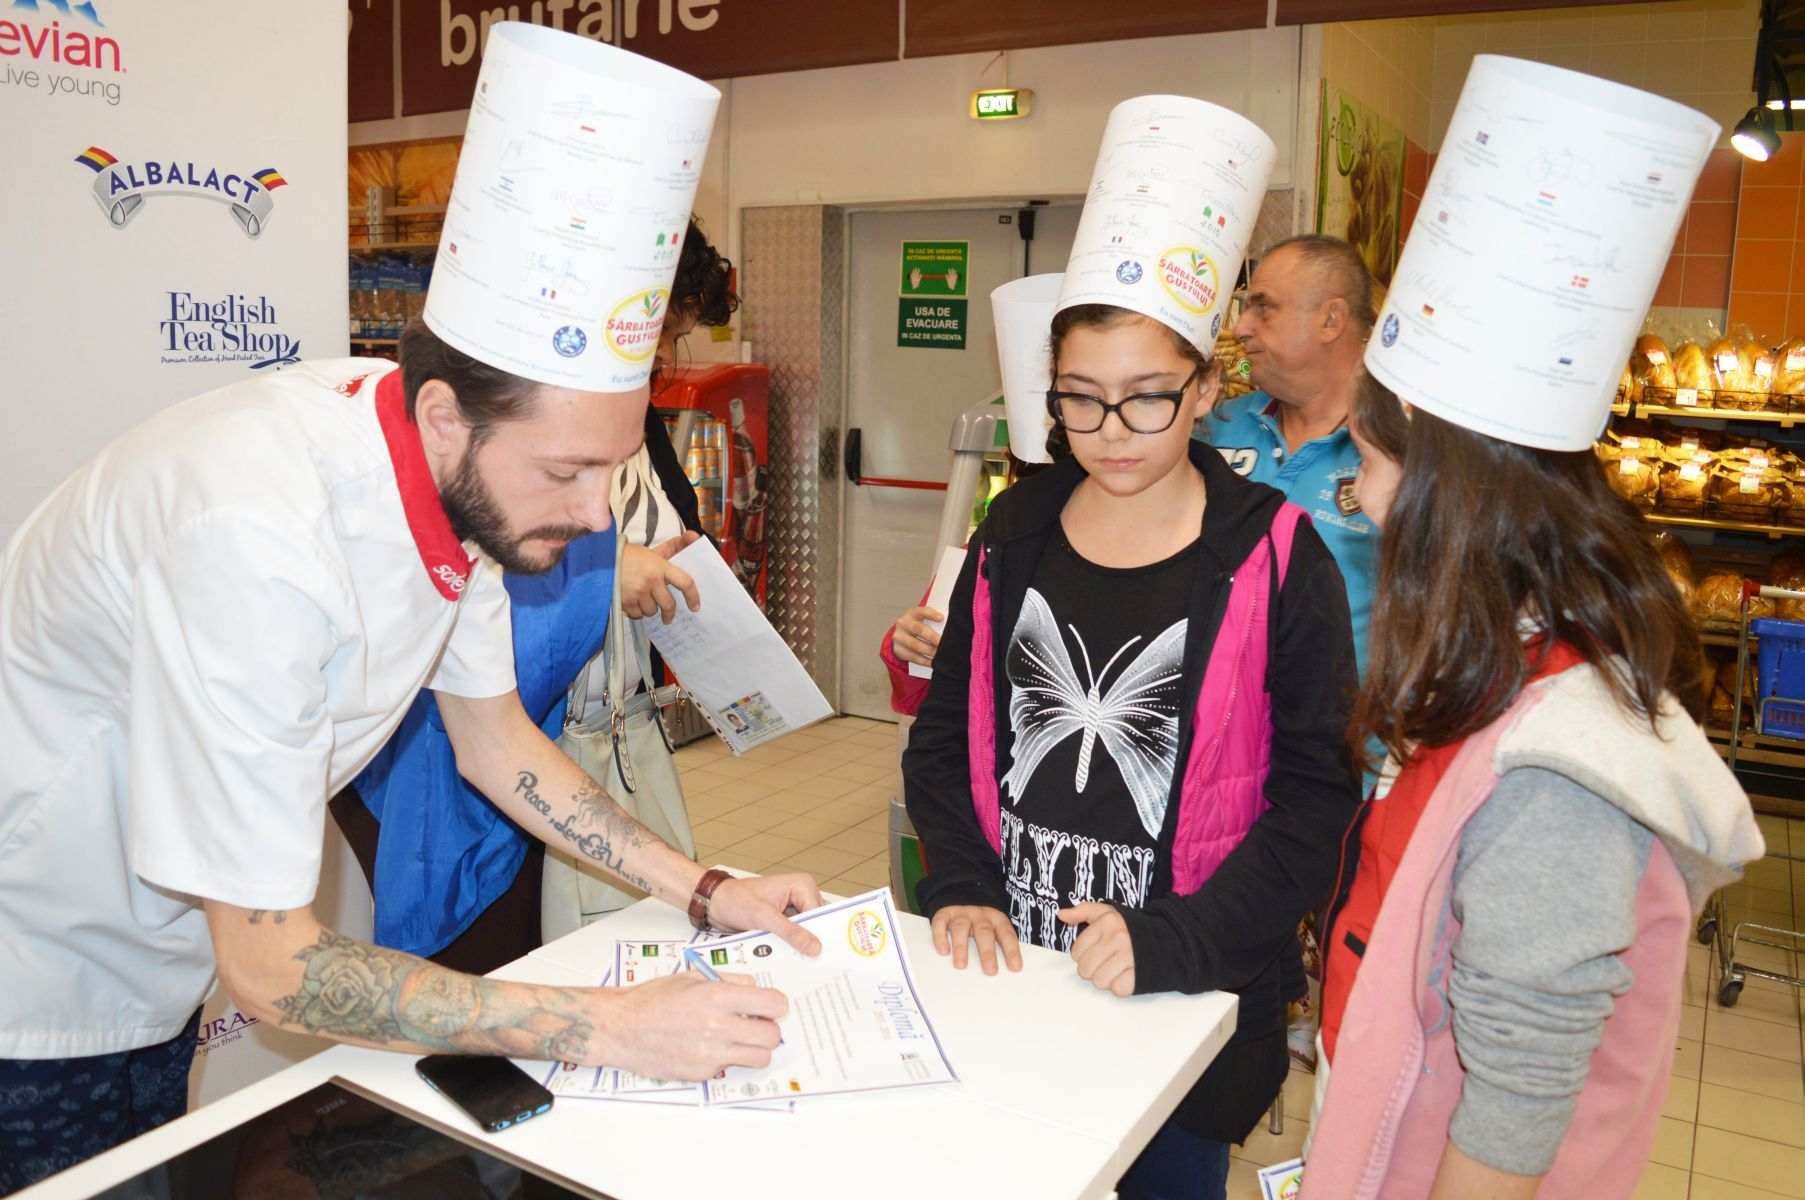 Atelier_Culinar_Sarbatoarea_Gustului_Carrefour_Atelier_educational_Sara_Alexander_43